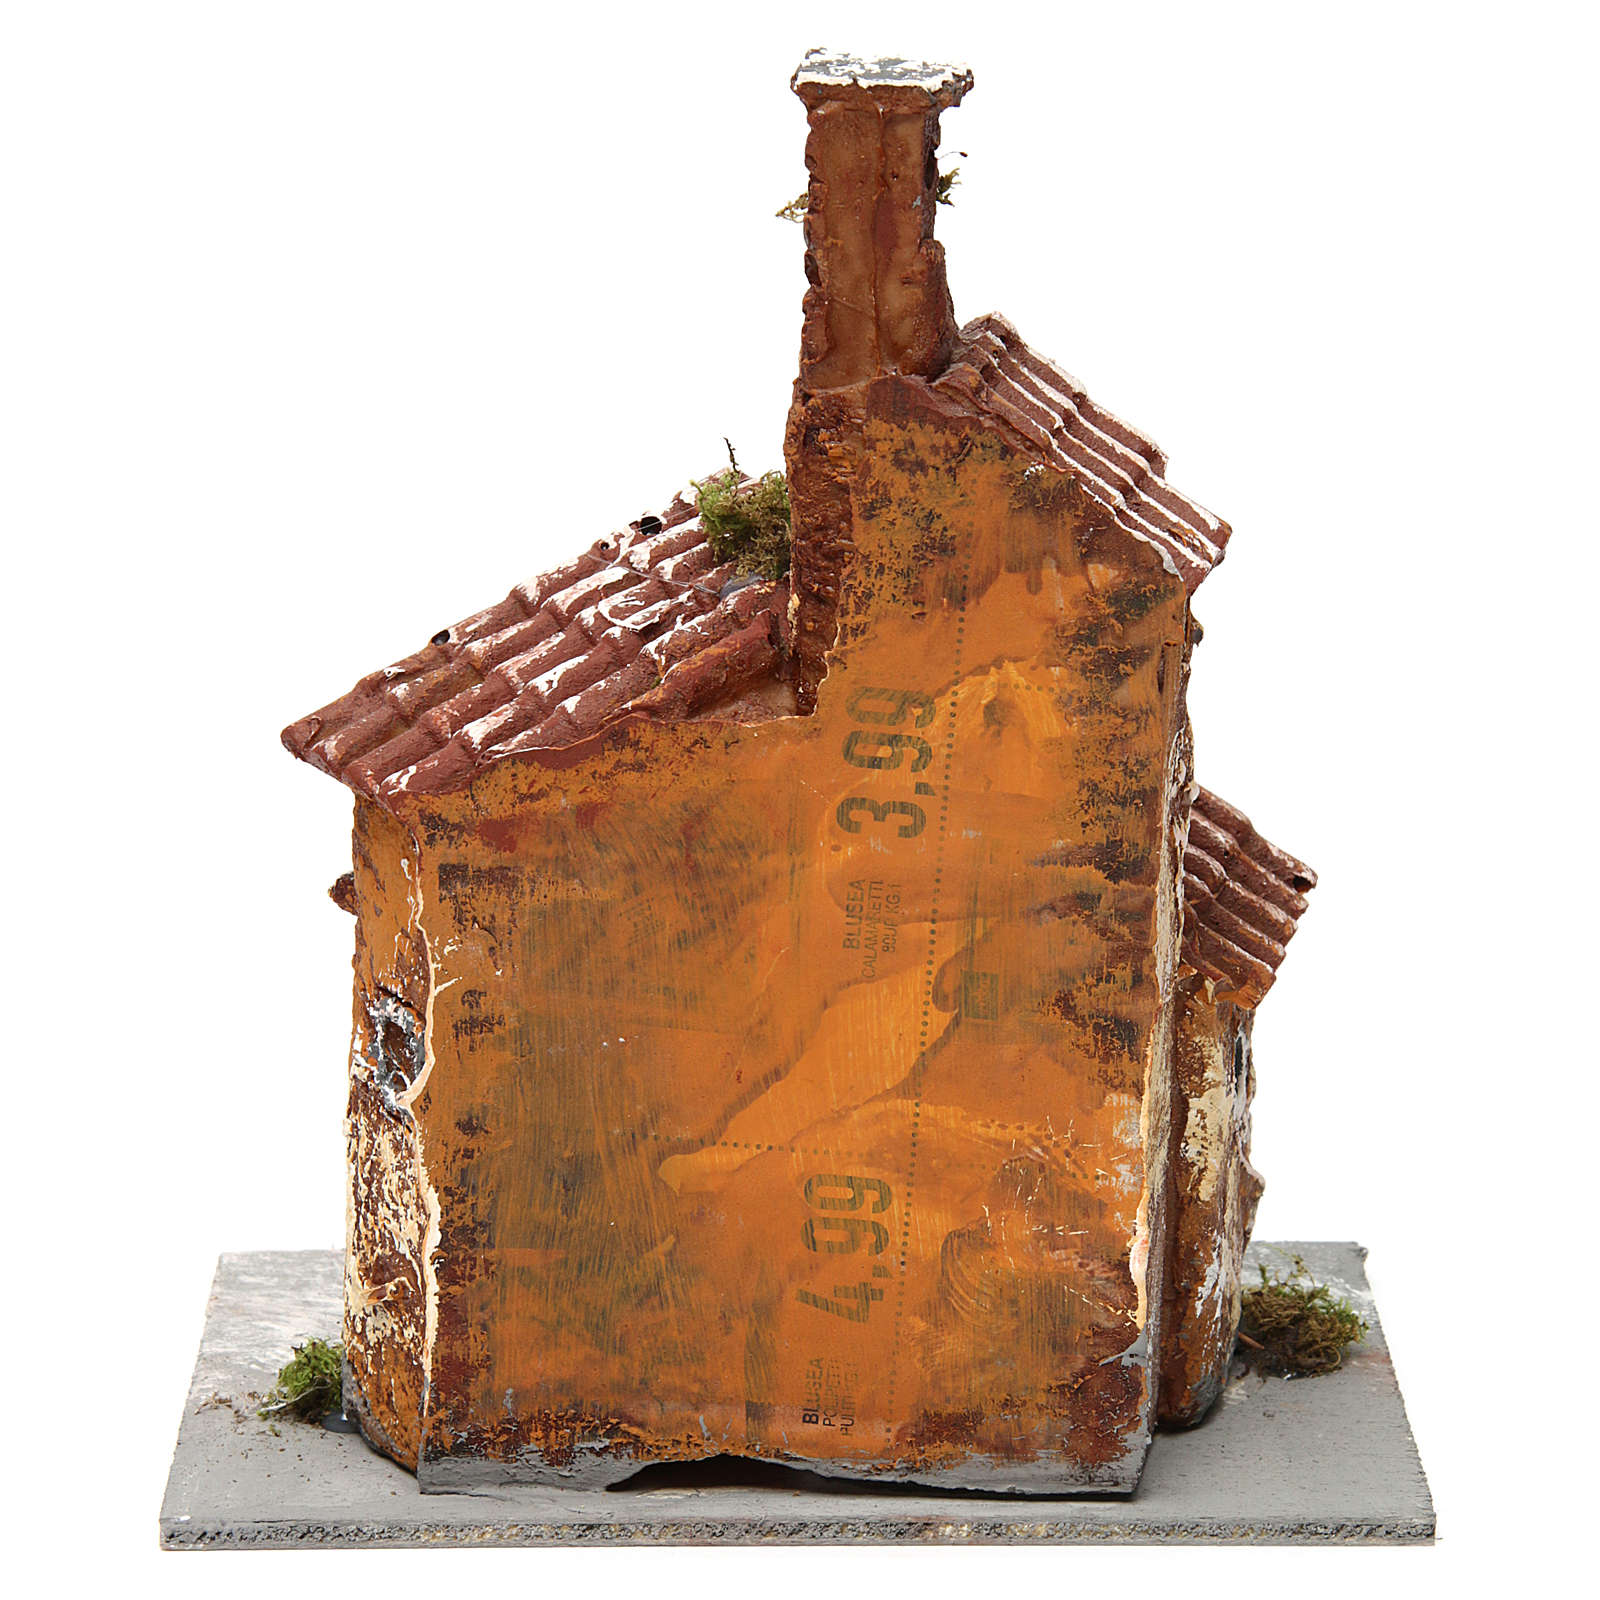 Struttura a tre edifici casette 20x15x15 cm in resina su base legno presepe napoletano 4